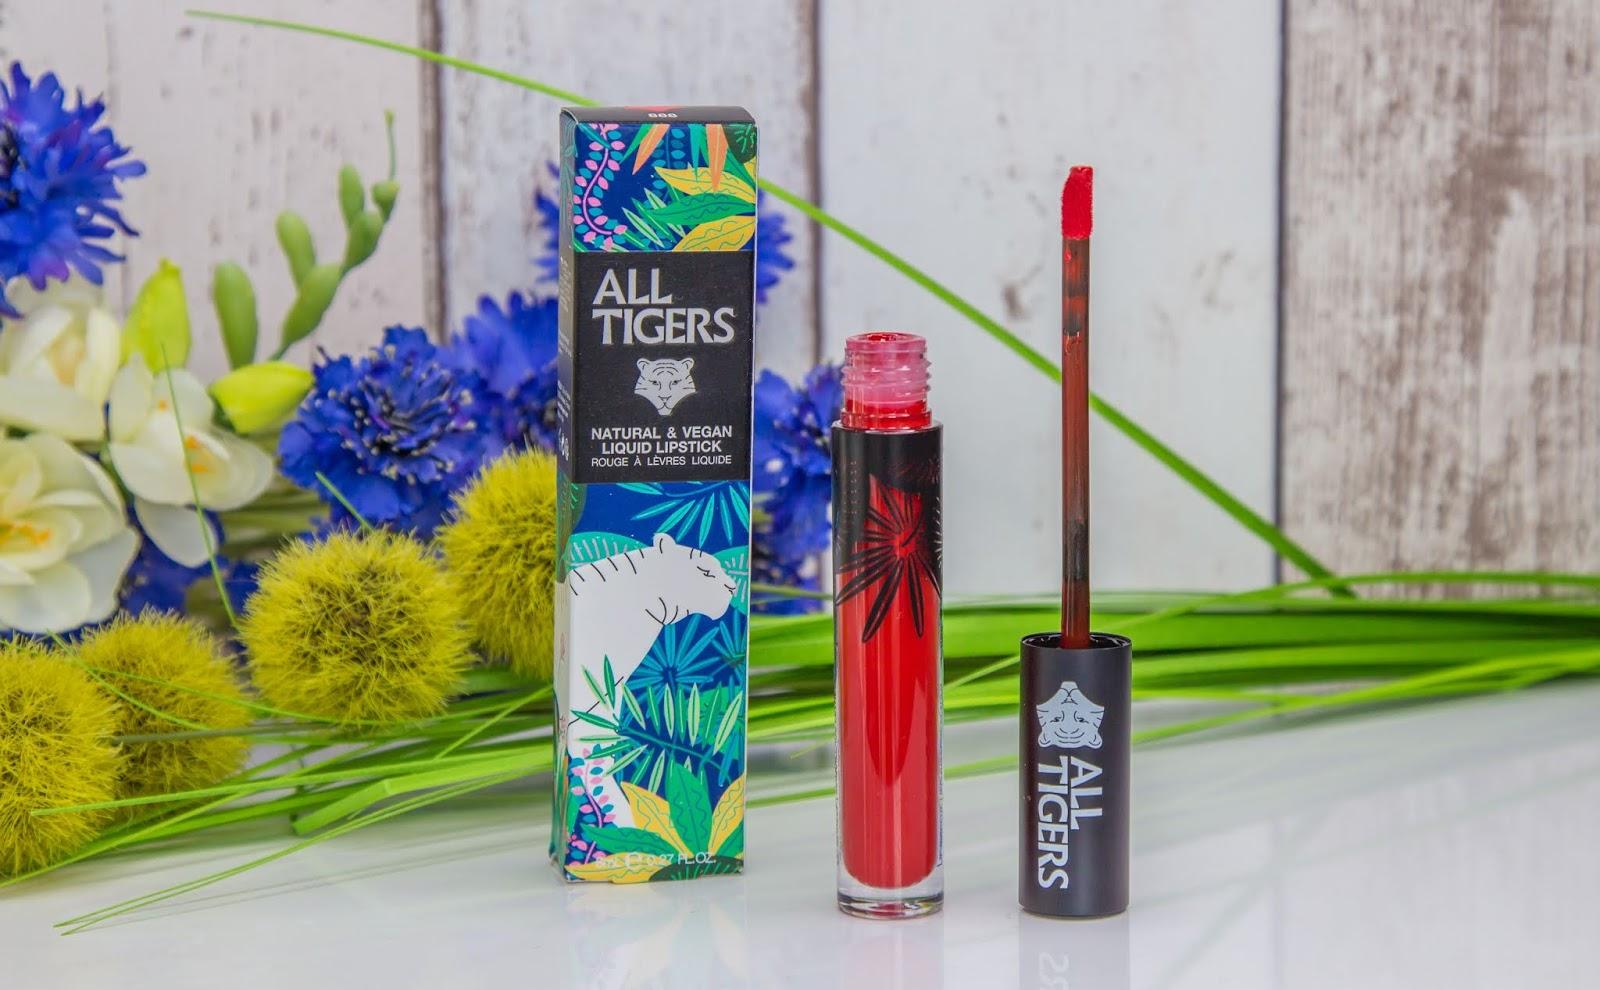 All Tigers, les rouges à lèvres liquides naturels et vegans